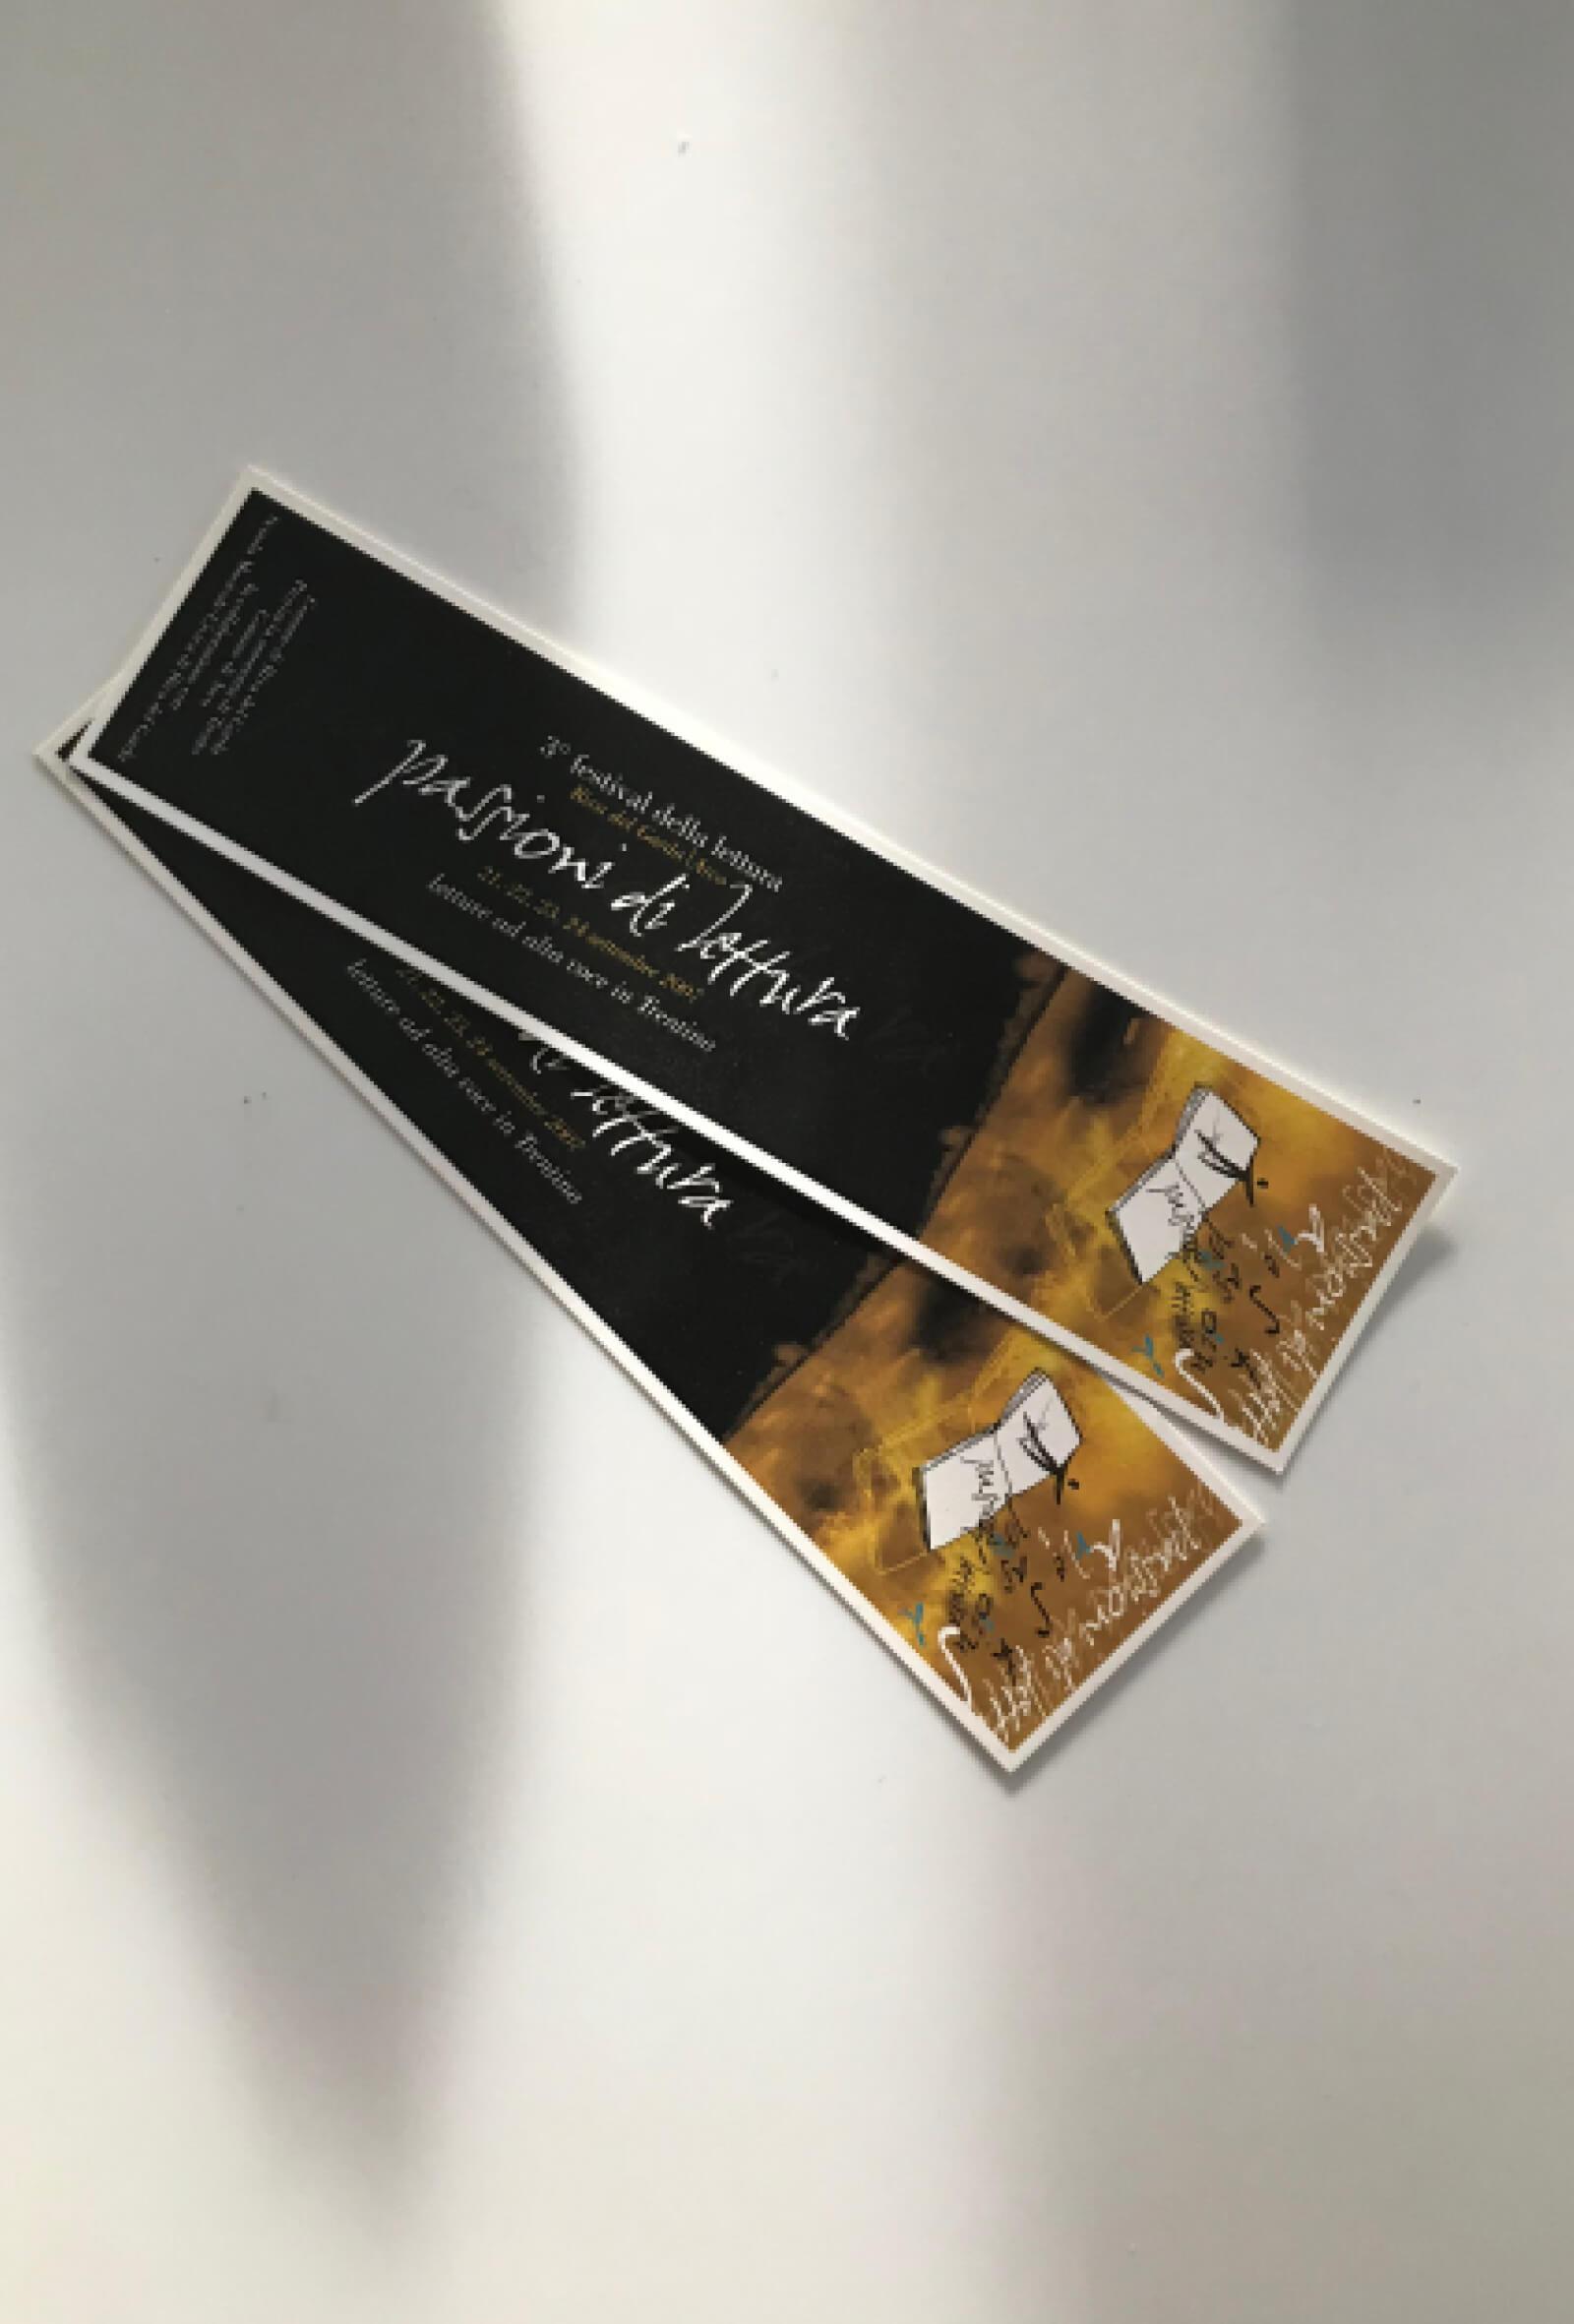 segnalibro in carta creato per la rassegna Festival della Lettura, dalla agenzia di comunicazione diadestudio arco di trento